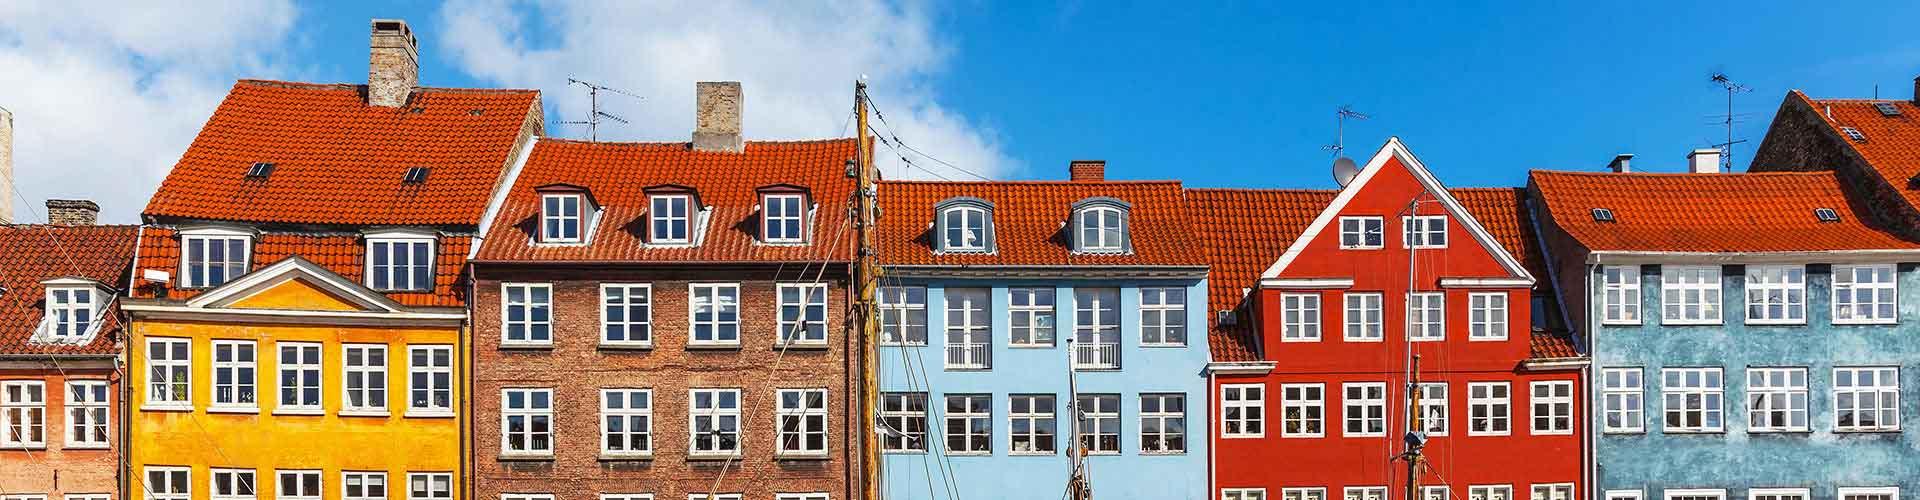 コペンハーゲン – Vestamager地区のユースホステル. 地図 コペンハーゲン, すべてのユースホステルの写真とレビュー コペンハーゲン.